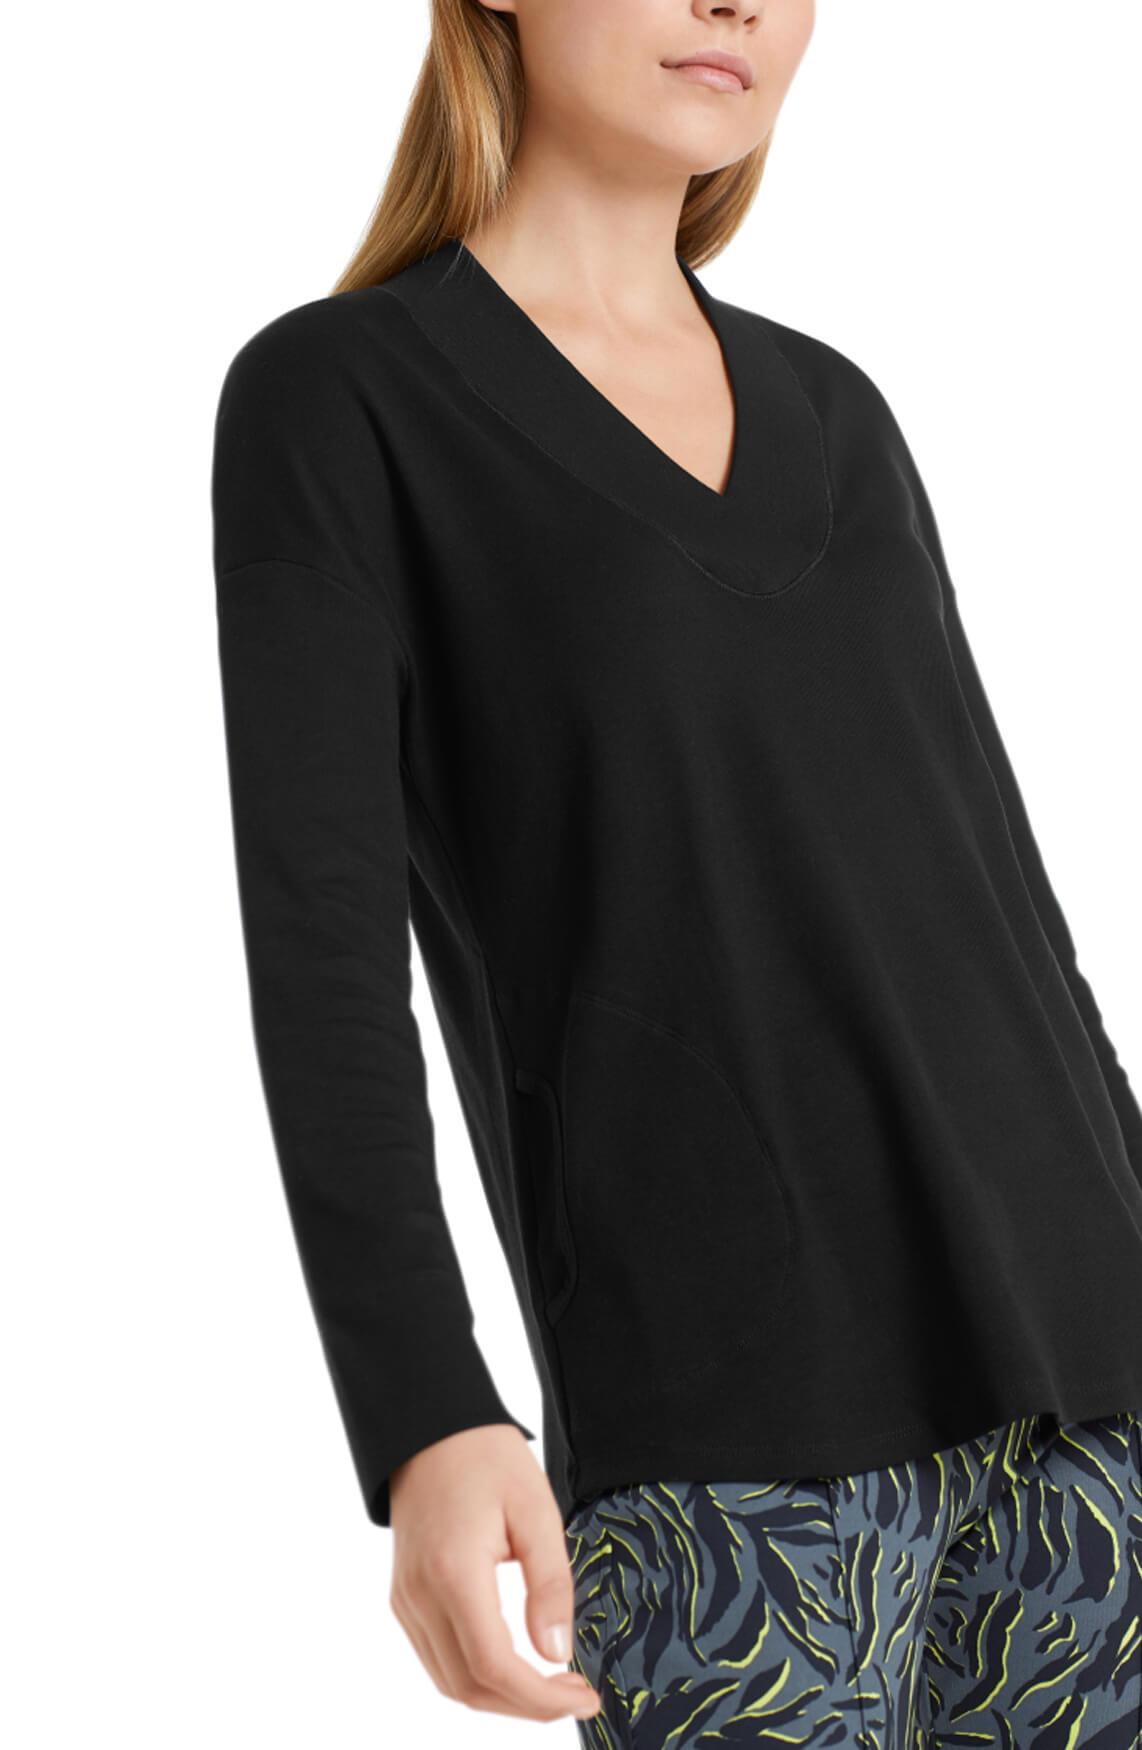 Marccain Sports Dames Shirt met V-hals zwart